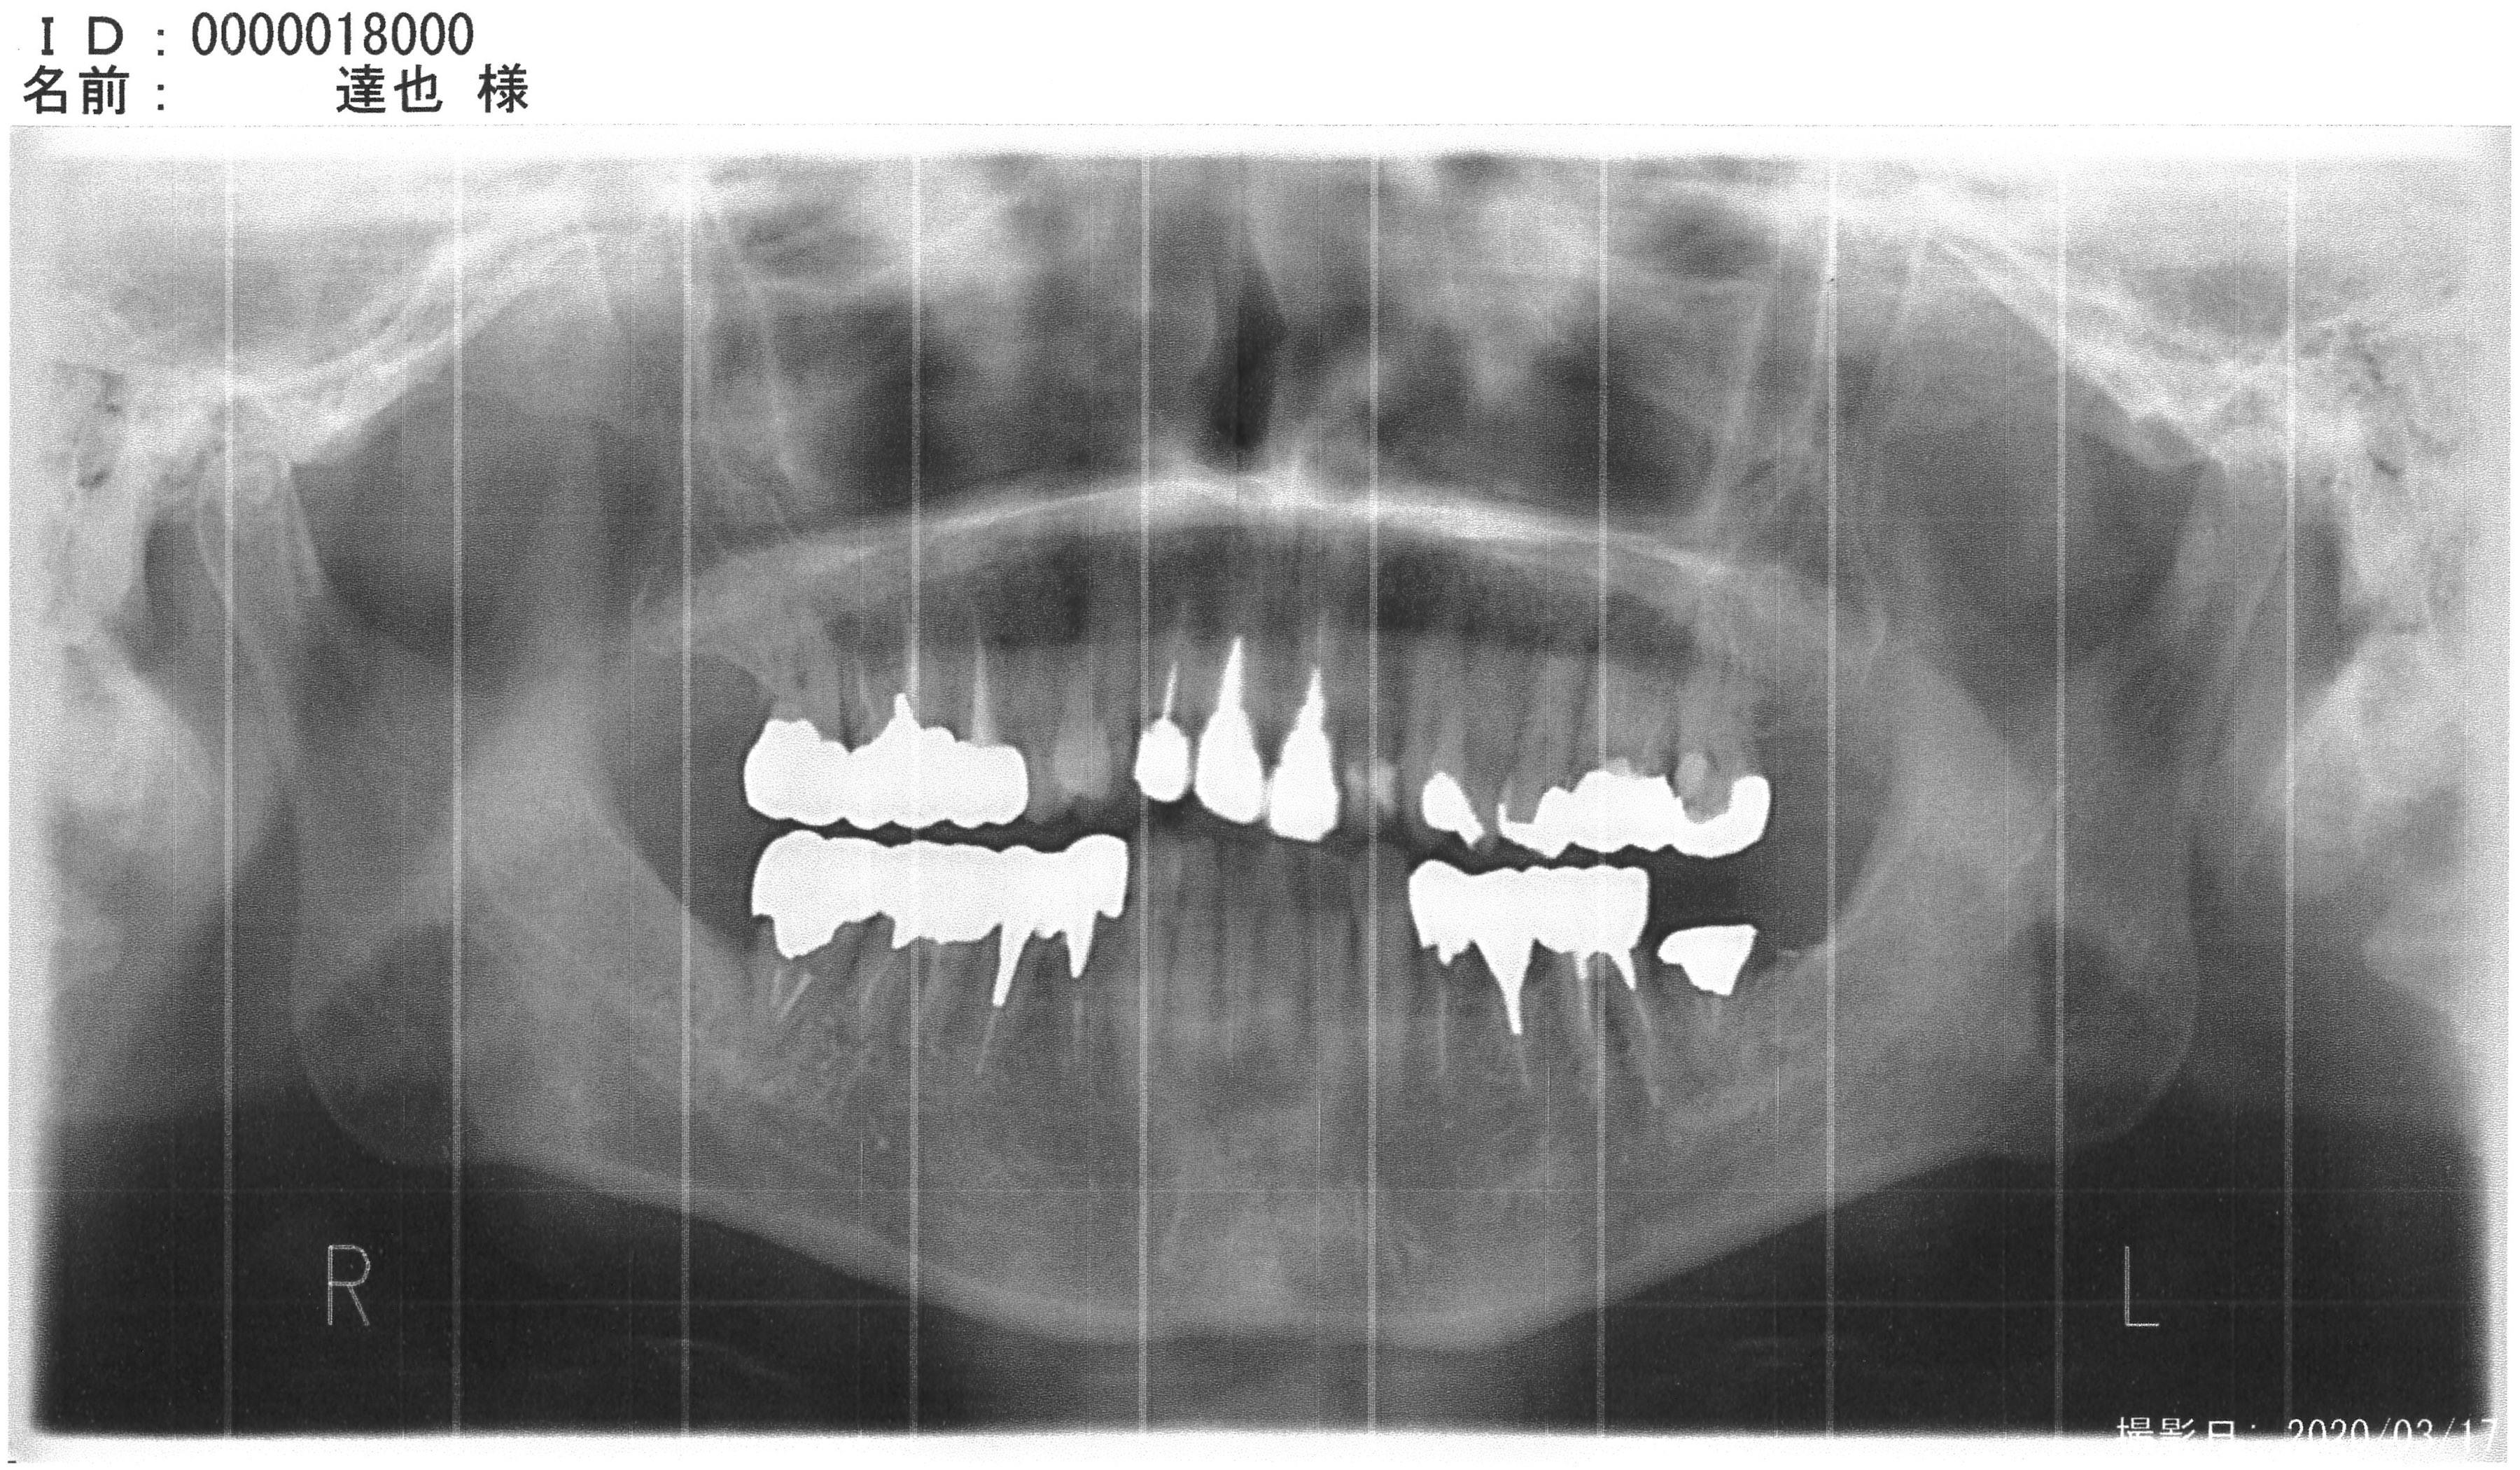 歯痛レントゲンMX-2610FN